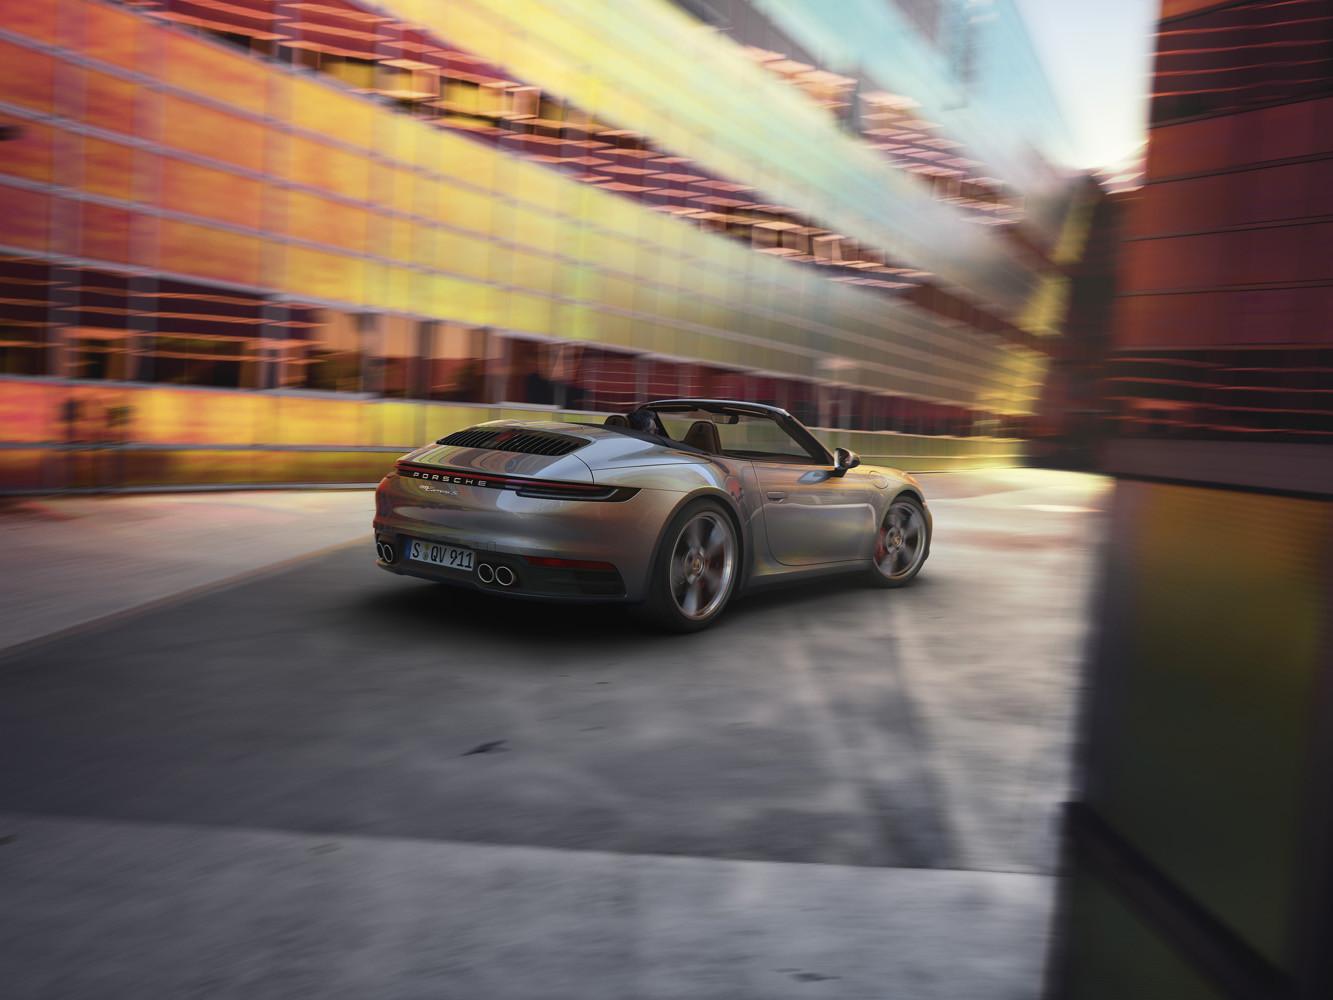 Foto de Porsche 911 Cabriolet (992) (8/10)